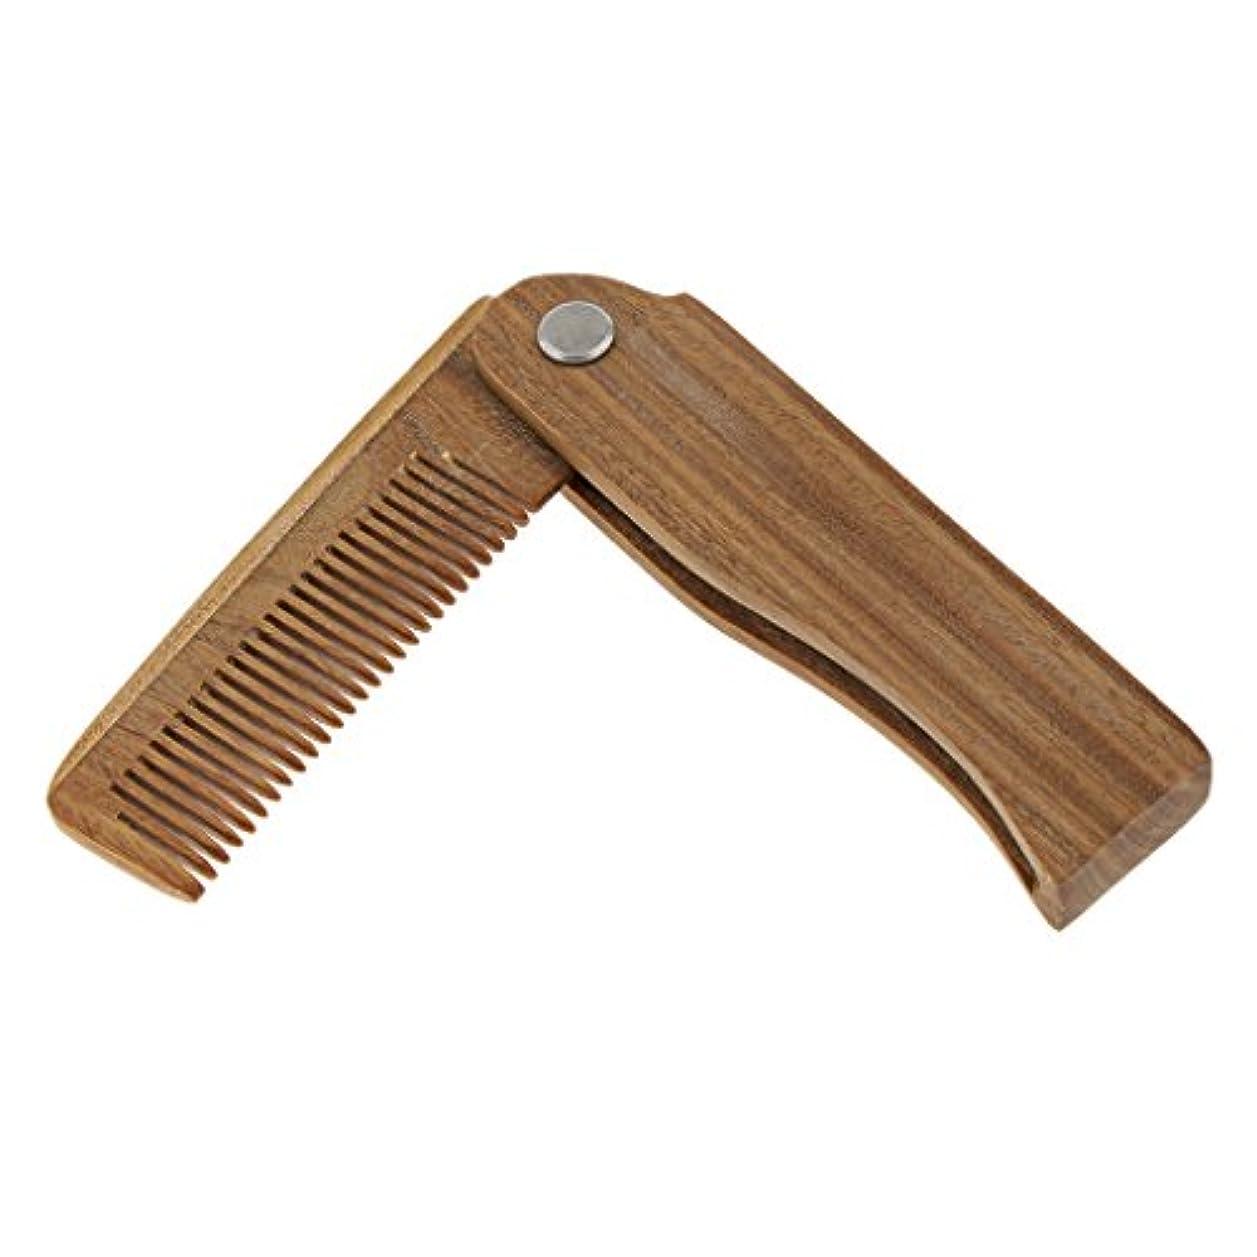 ベイビーバーター汚物木製櫛 ヘアブラシ ヘアコーム ミニサイズ 多機能櫛 ひげ櫛 櫛 折り畳み式 2タイプ選べる - B